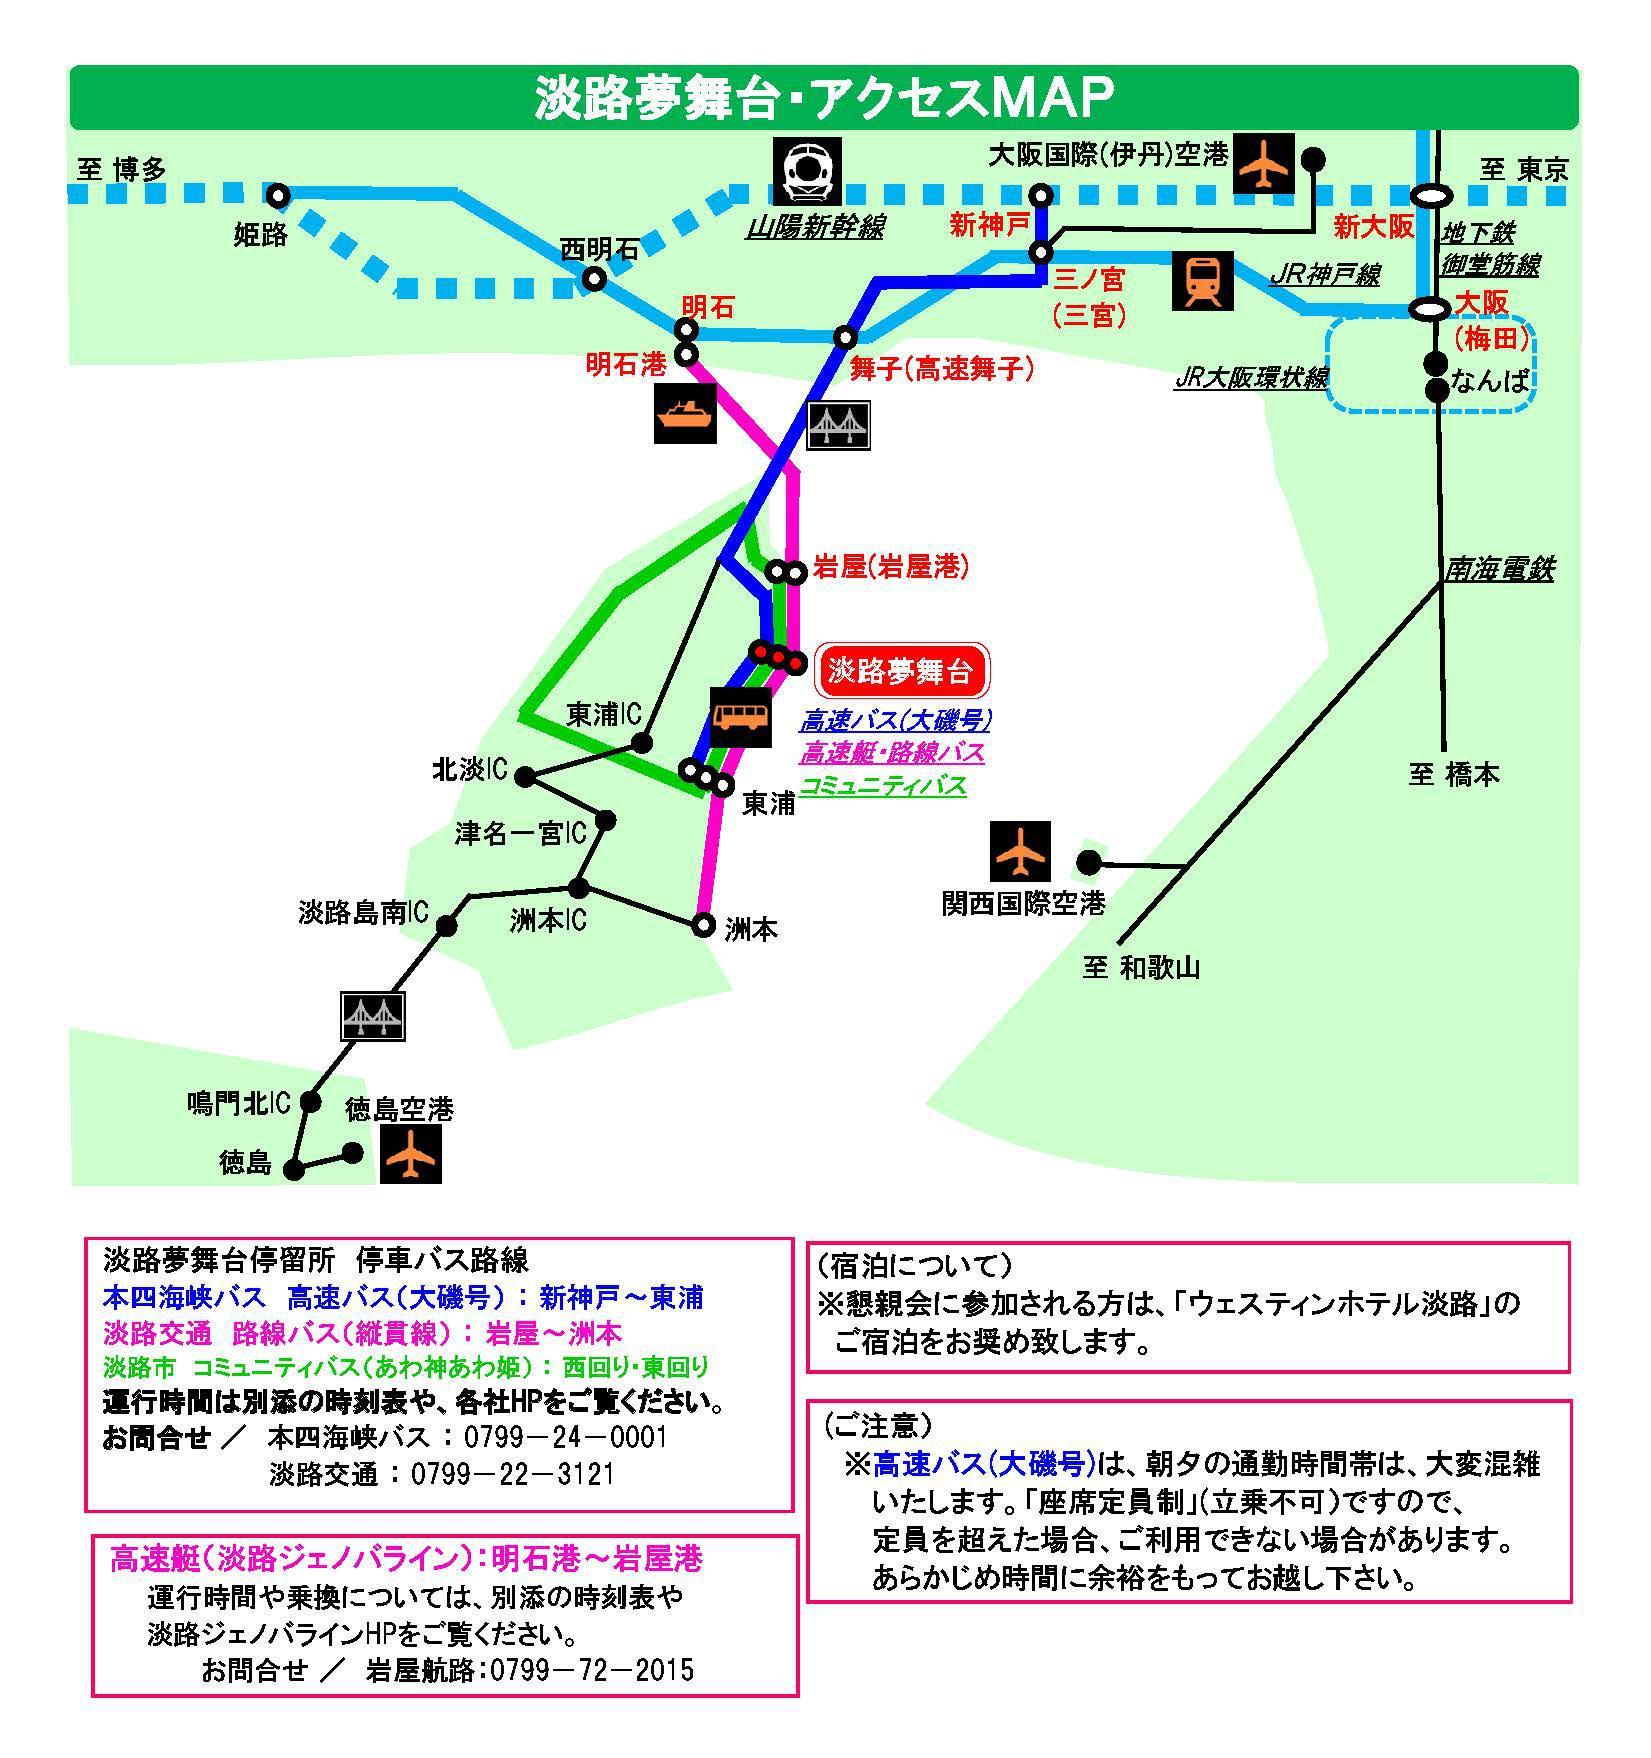 NENJITAIKAI2017_MAP0529.jpg